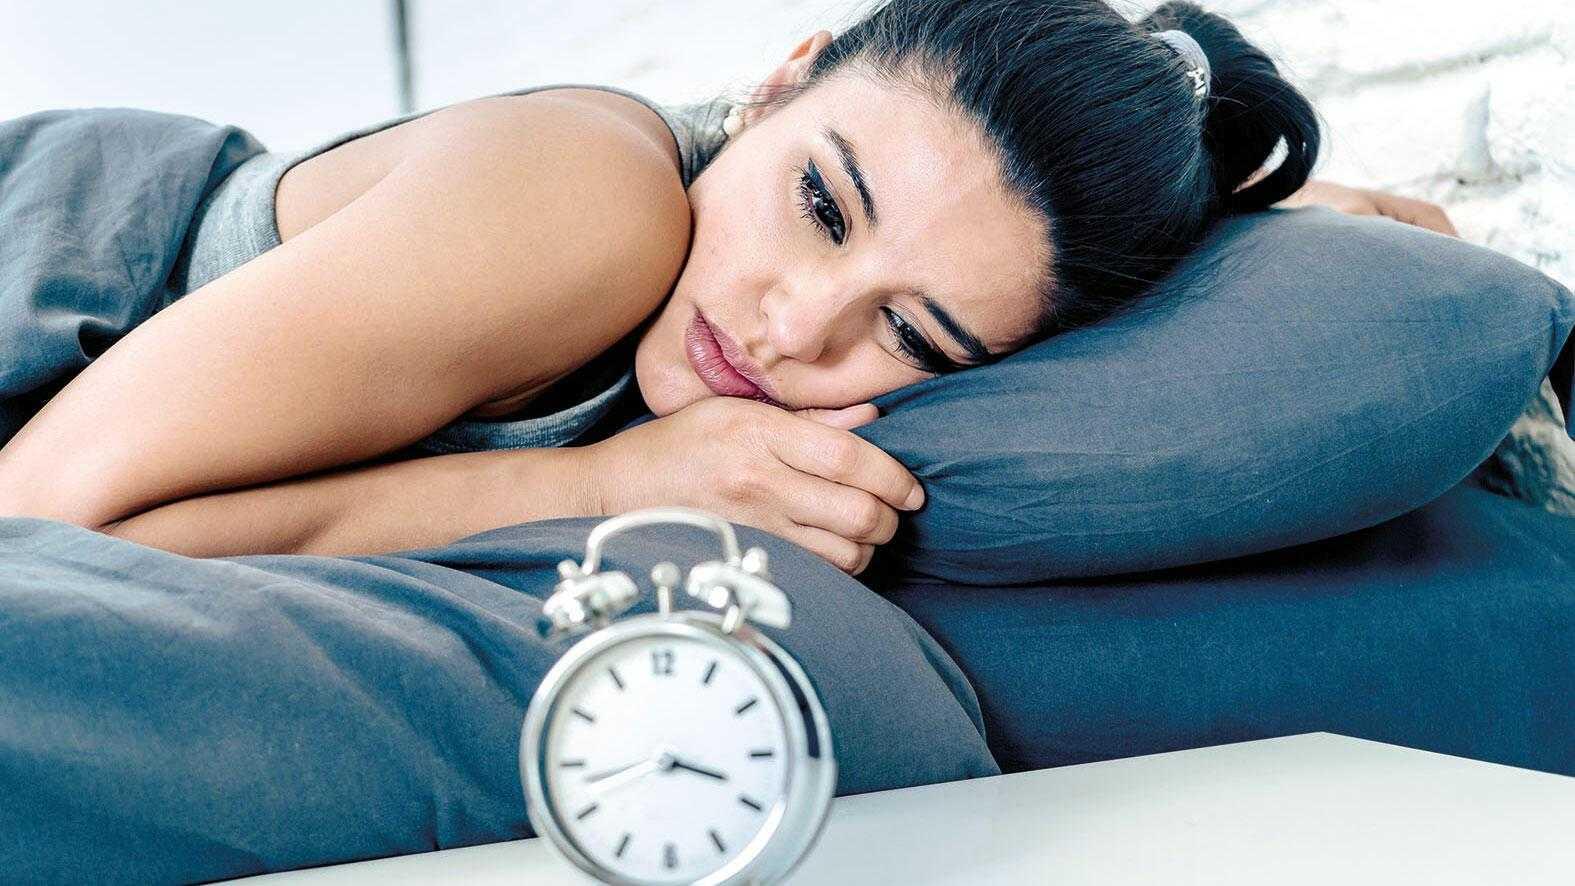 Пять опасных заболеваний, которые грозят вам, если выпоздно ложитесь спать